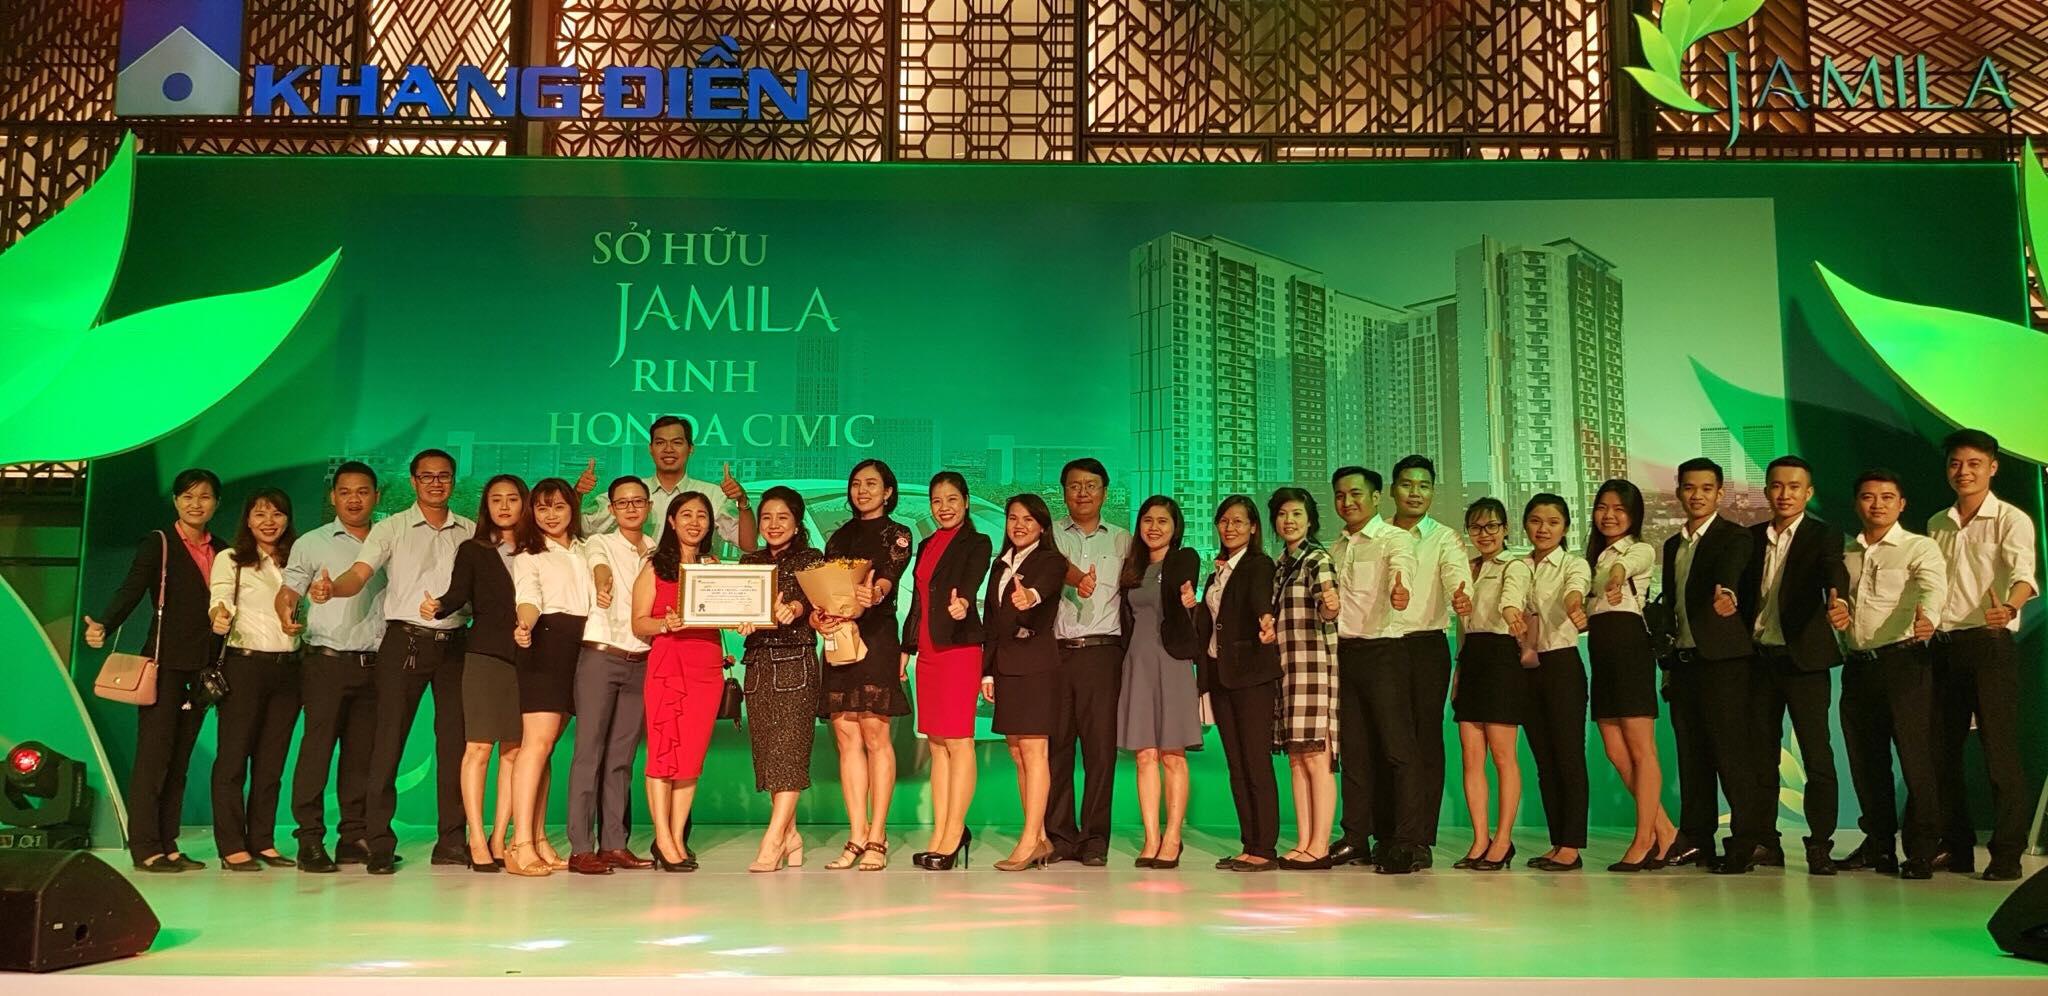 SunlandSG dành giải thưởng - Đại lý F1 phân phối BĐS hiệu quả tại dự án căn hộ Jamila Khang Điền